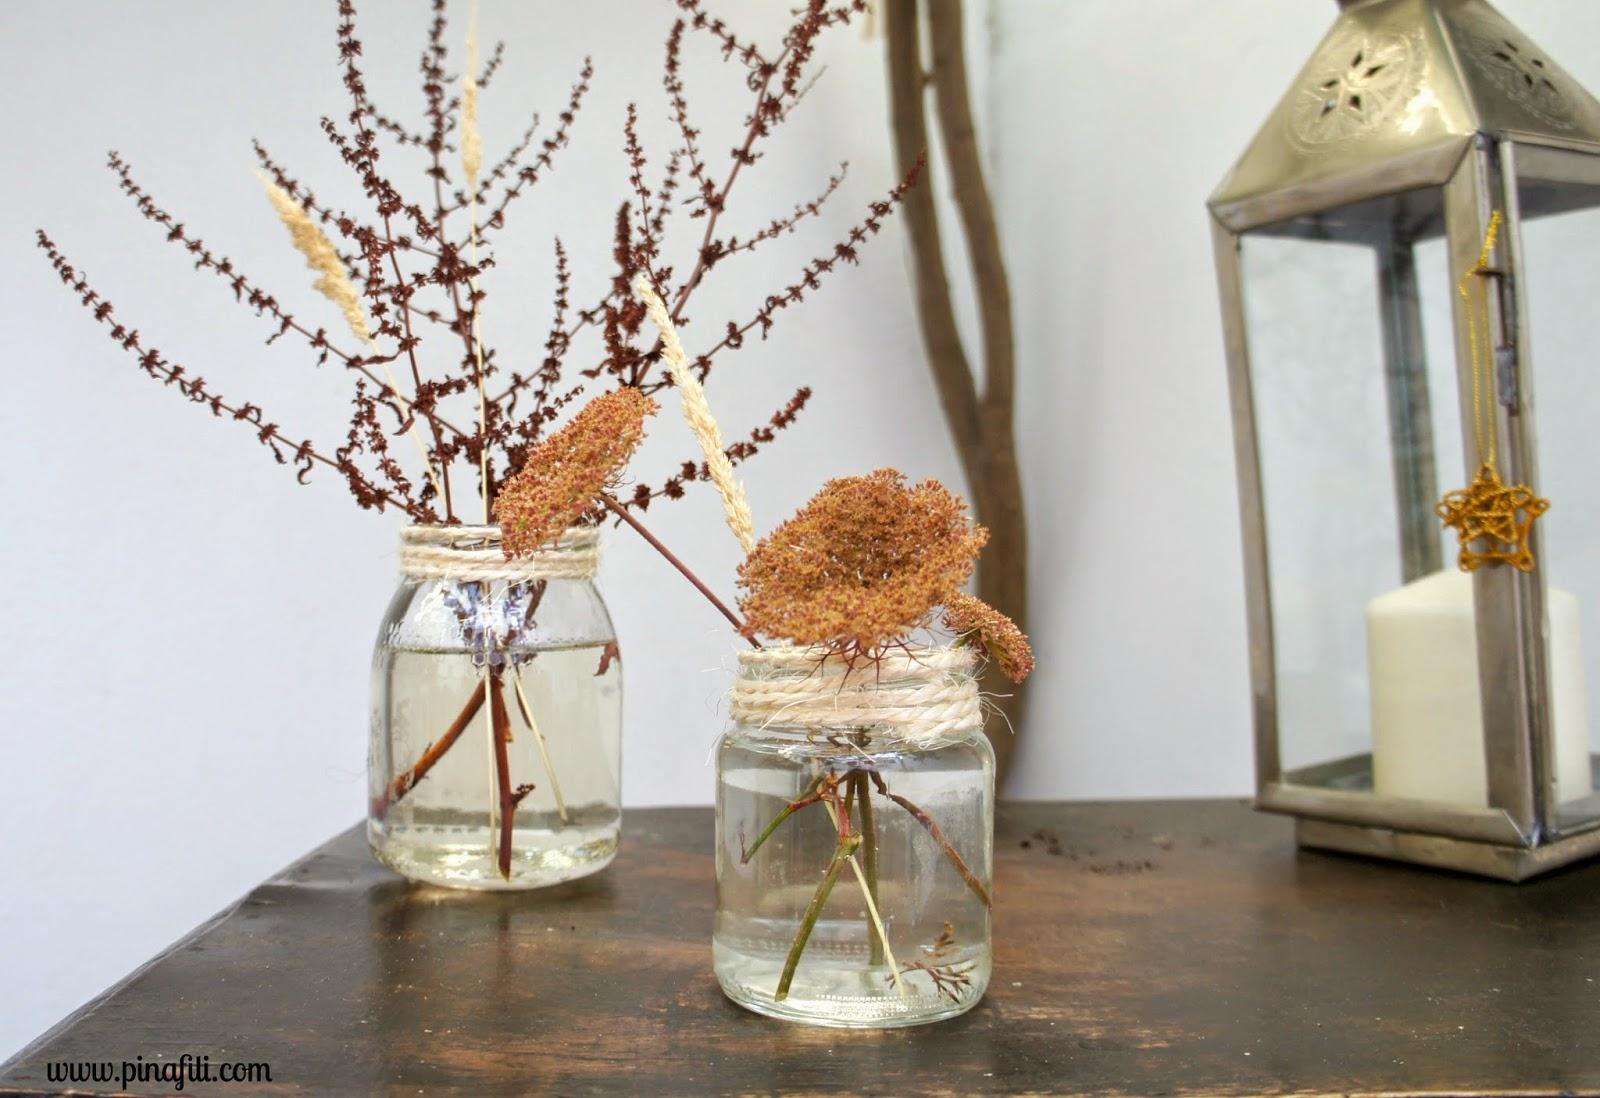 Naranjas secas aprender manualidades es - Adornos flores secas ...